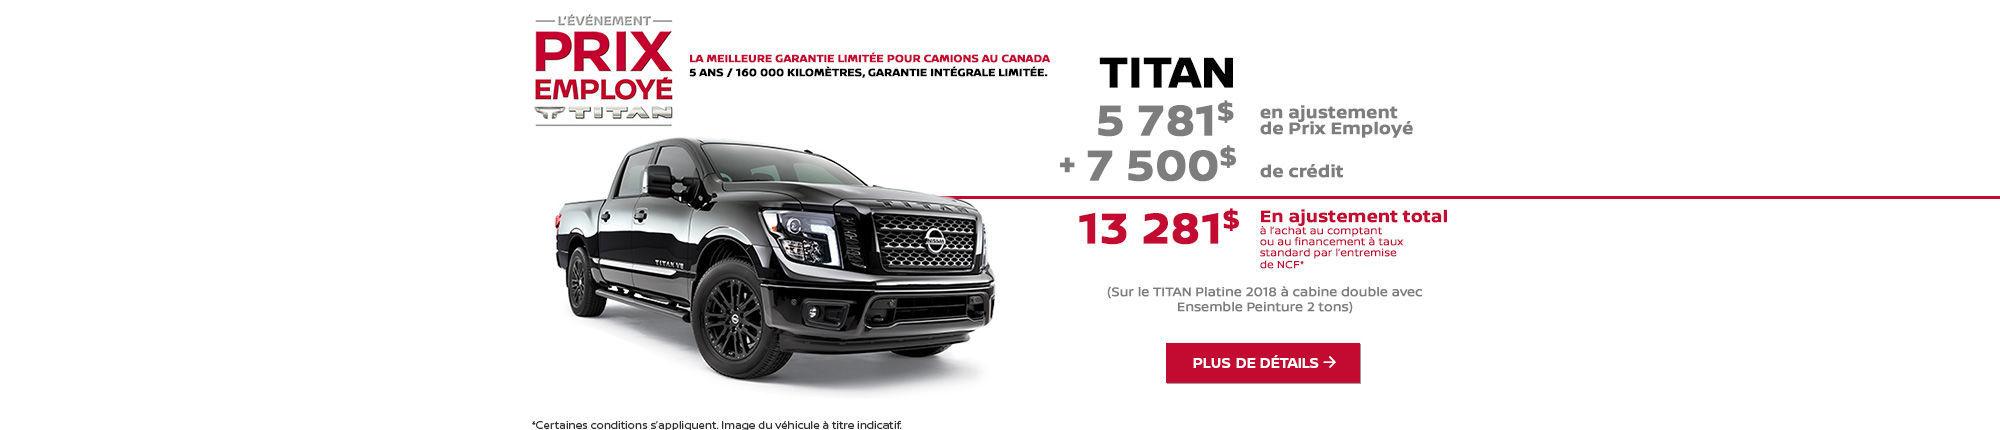 Obtenez le Nissan Titan 2018 aujourd'hui!